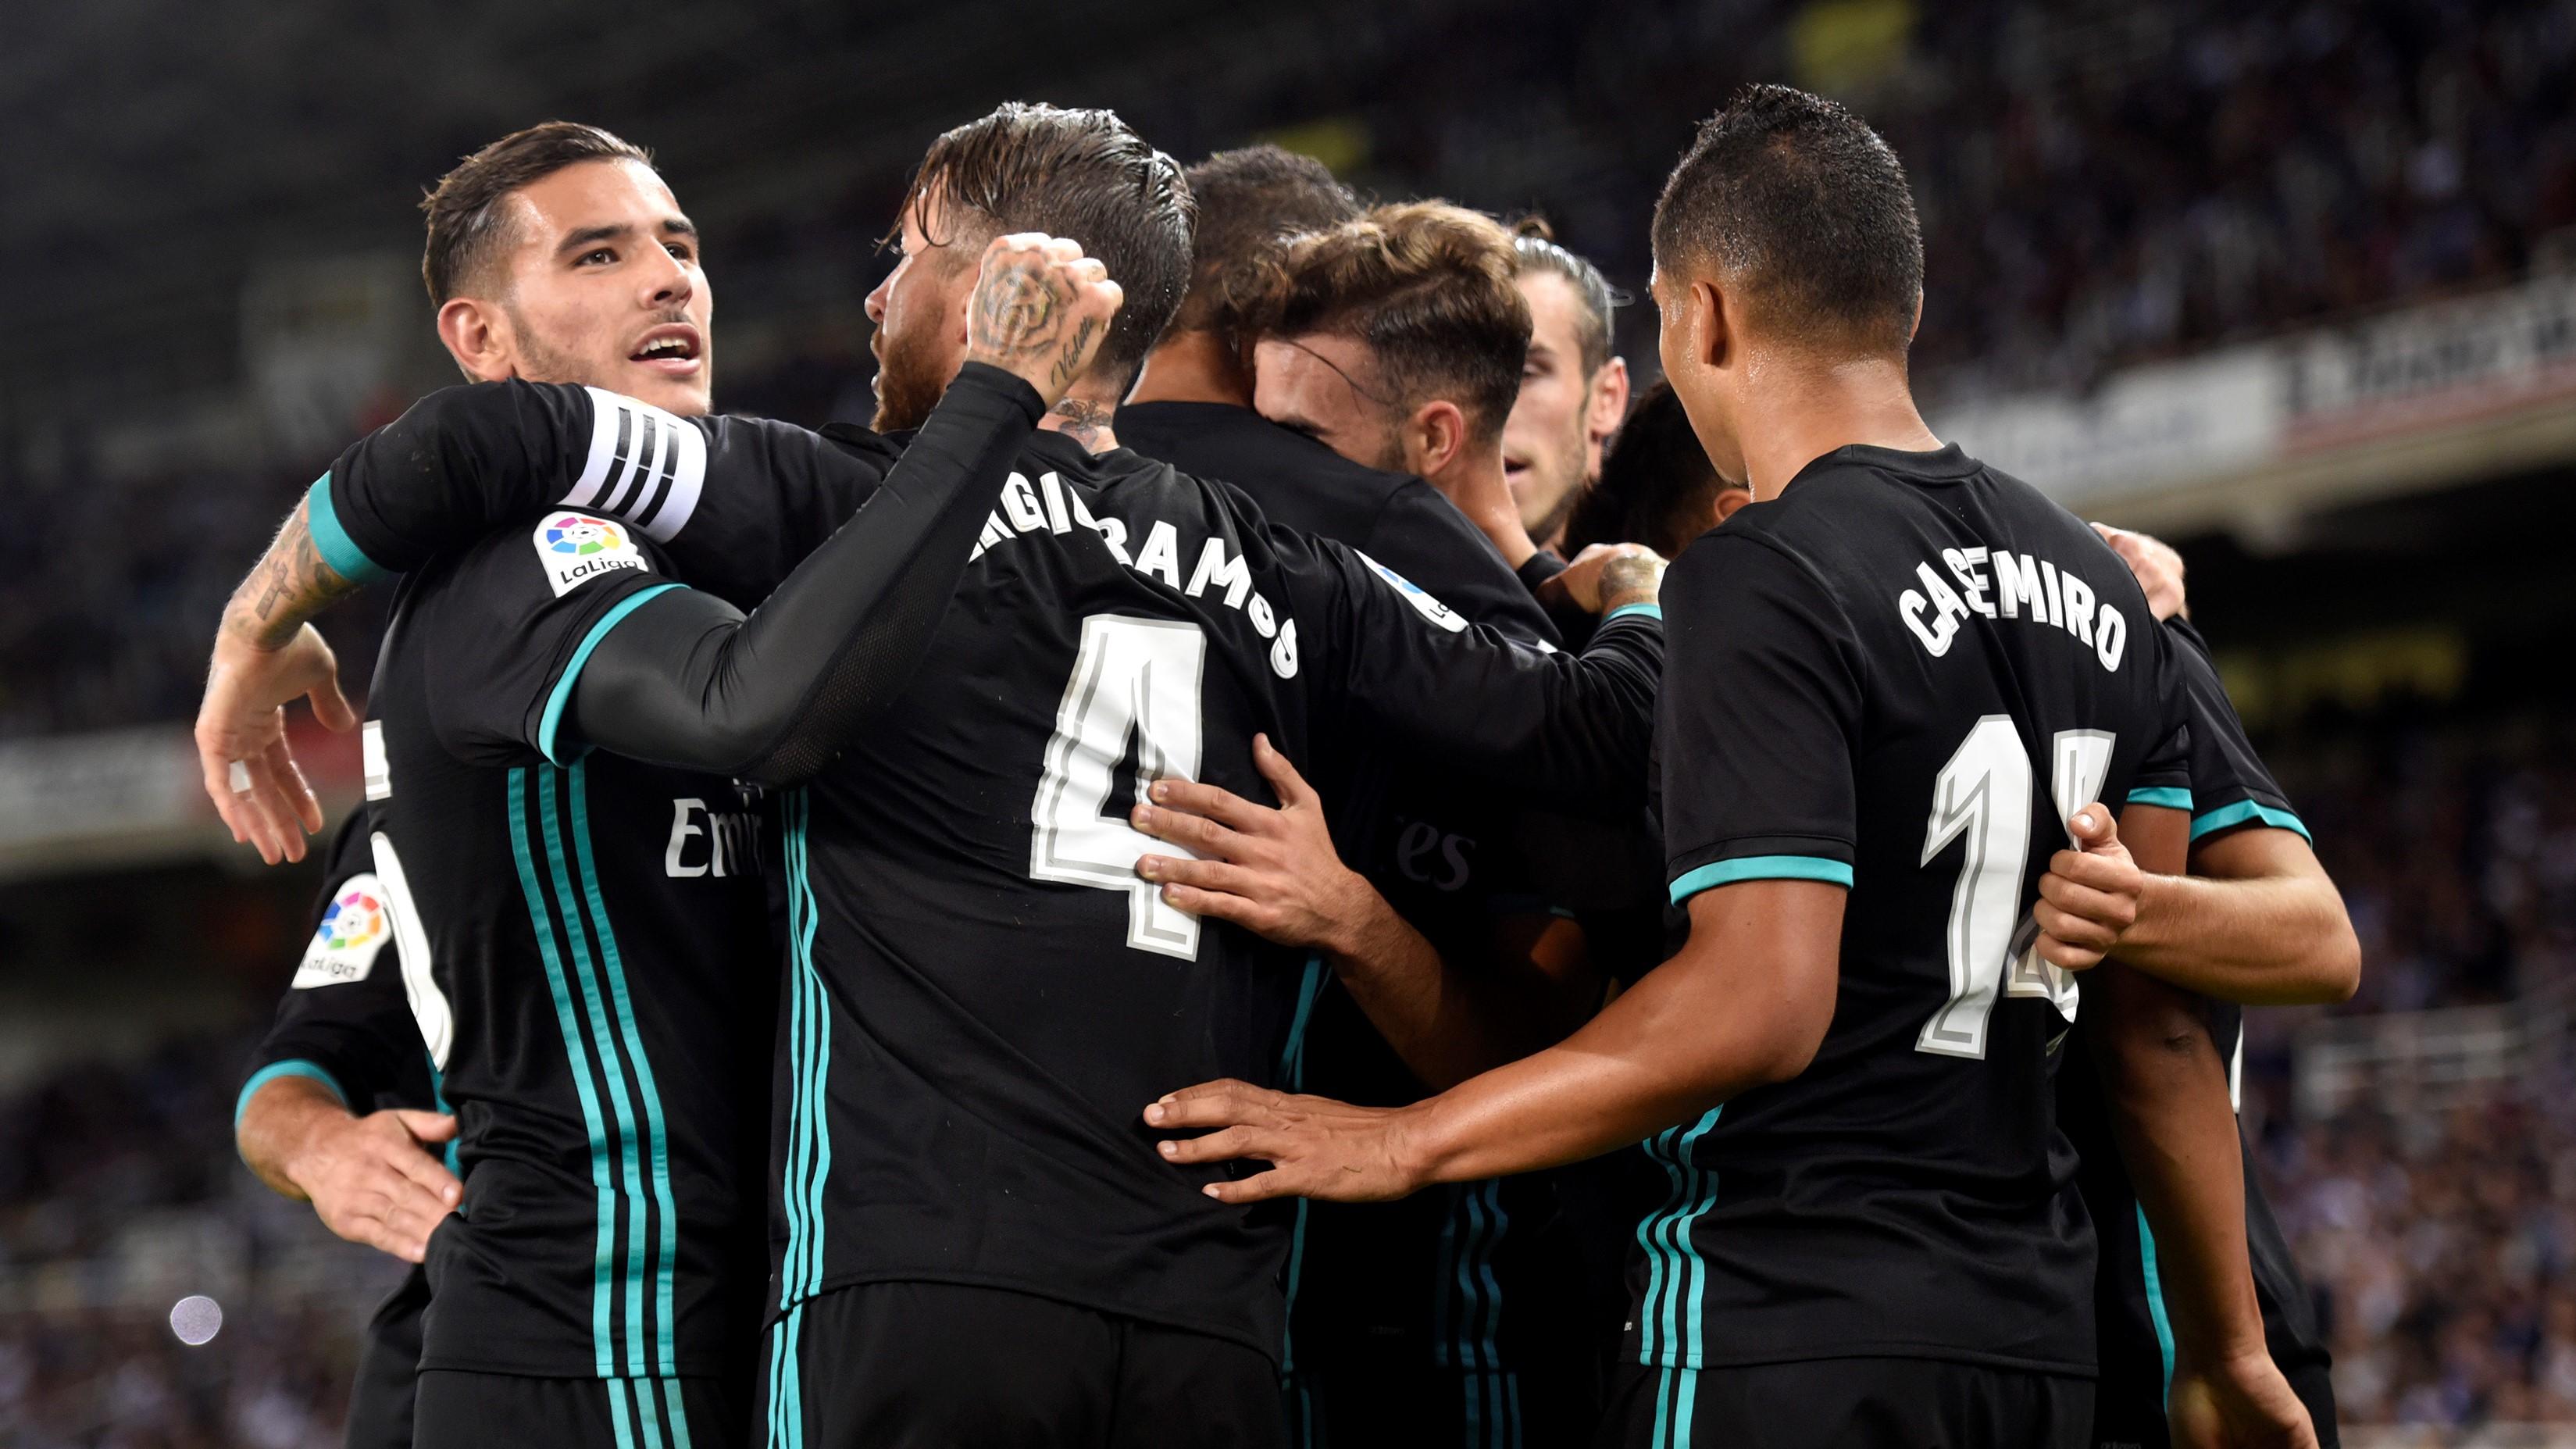 Liga - Il Real Madrid torna a vincere: battuta 1-3 la Real Sociedad